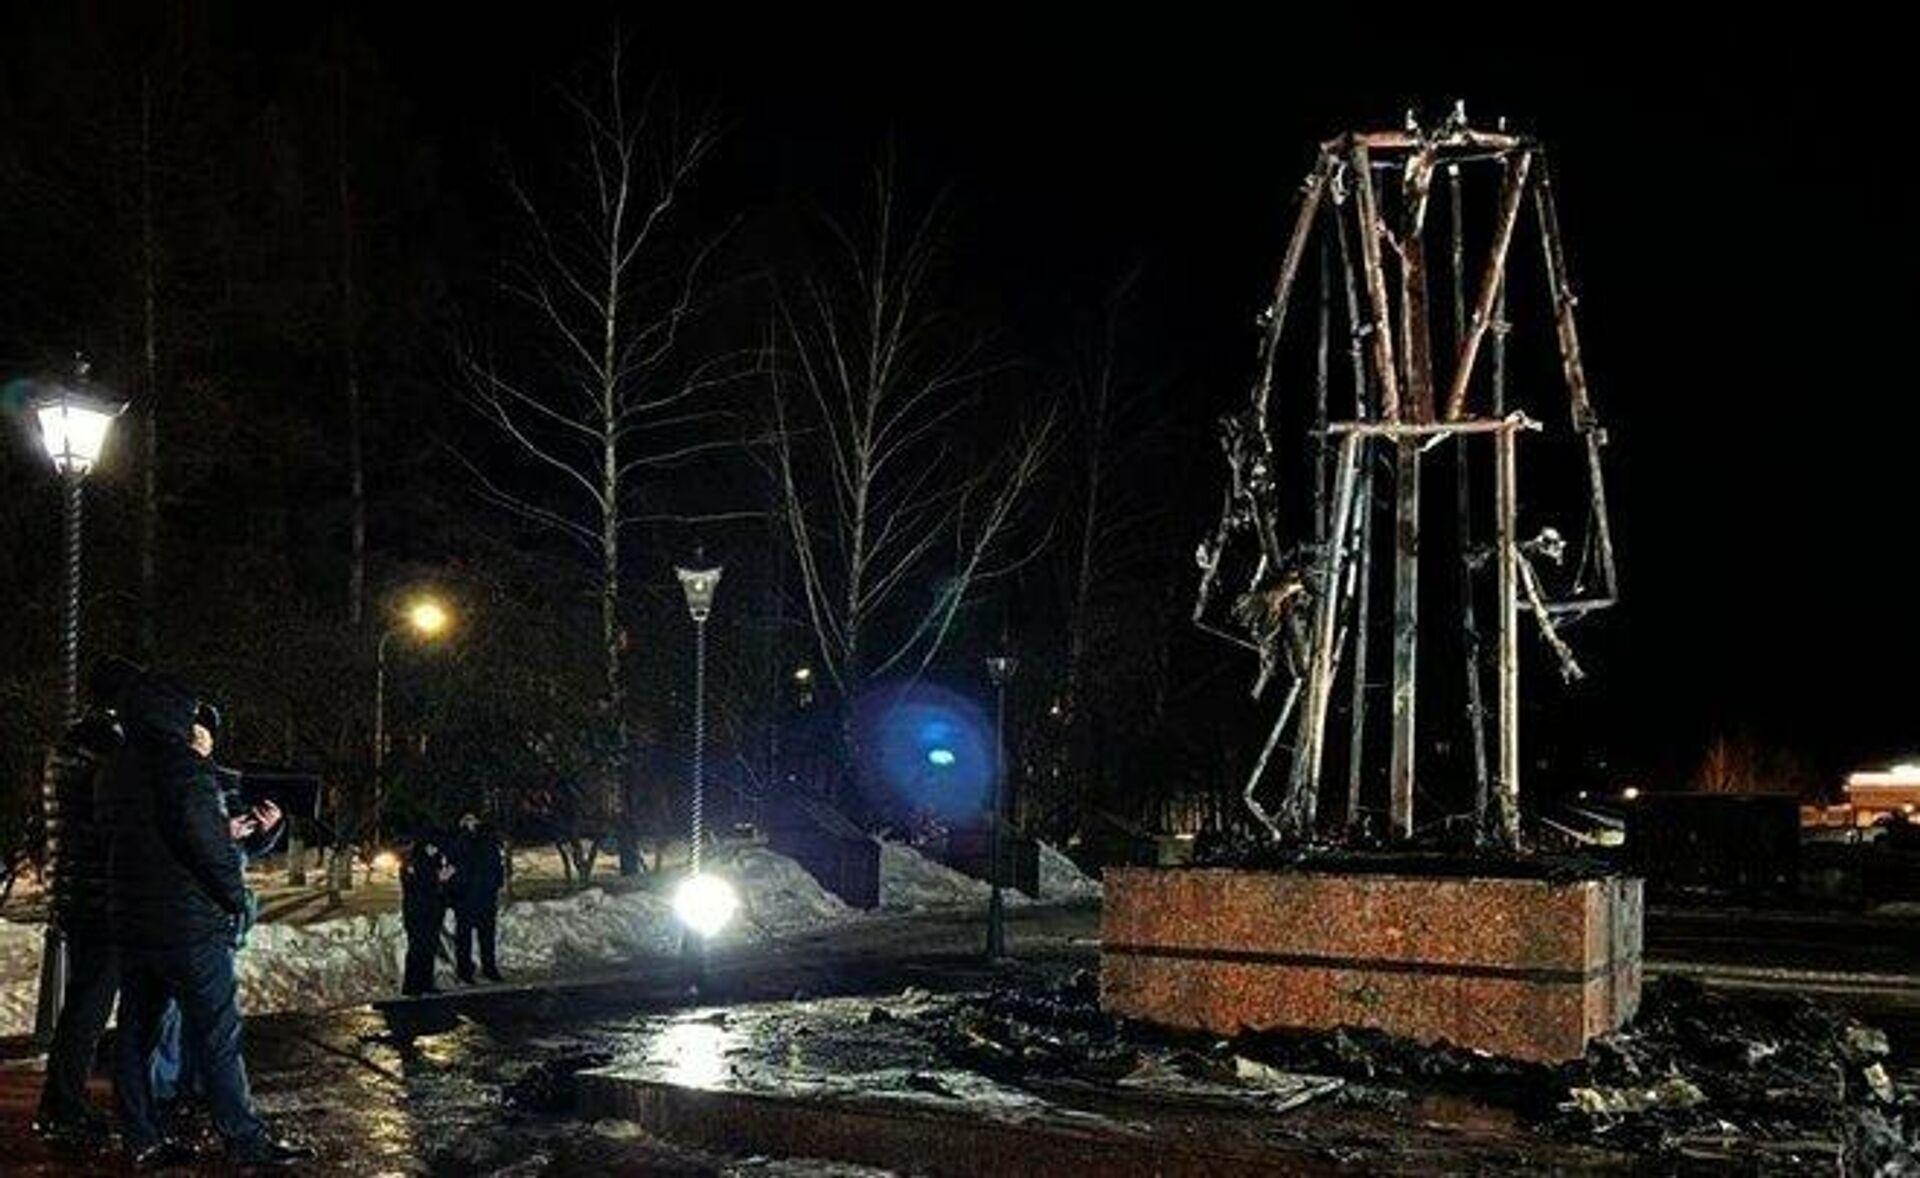 Сгоревший памятник Воину-освободителю в Заинске, Татарстан - РИА Новости, 1920, 17.03.2021